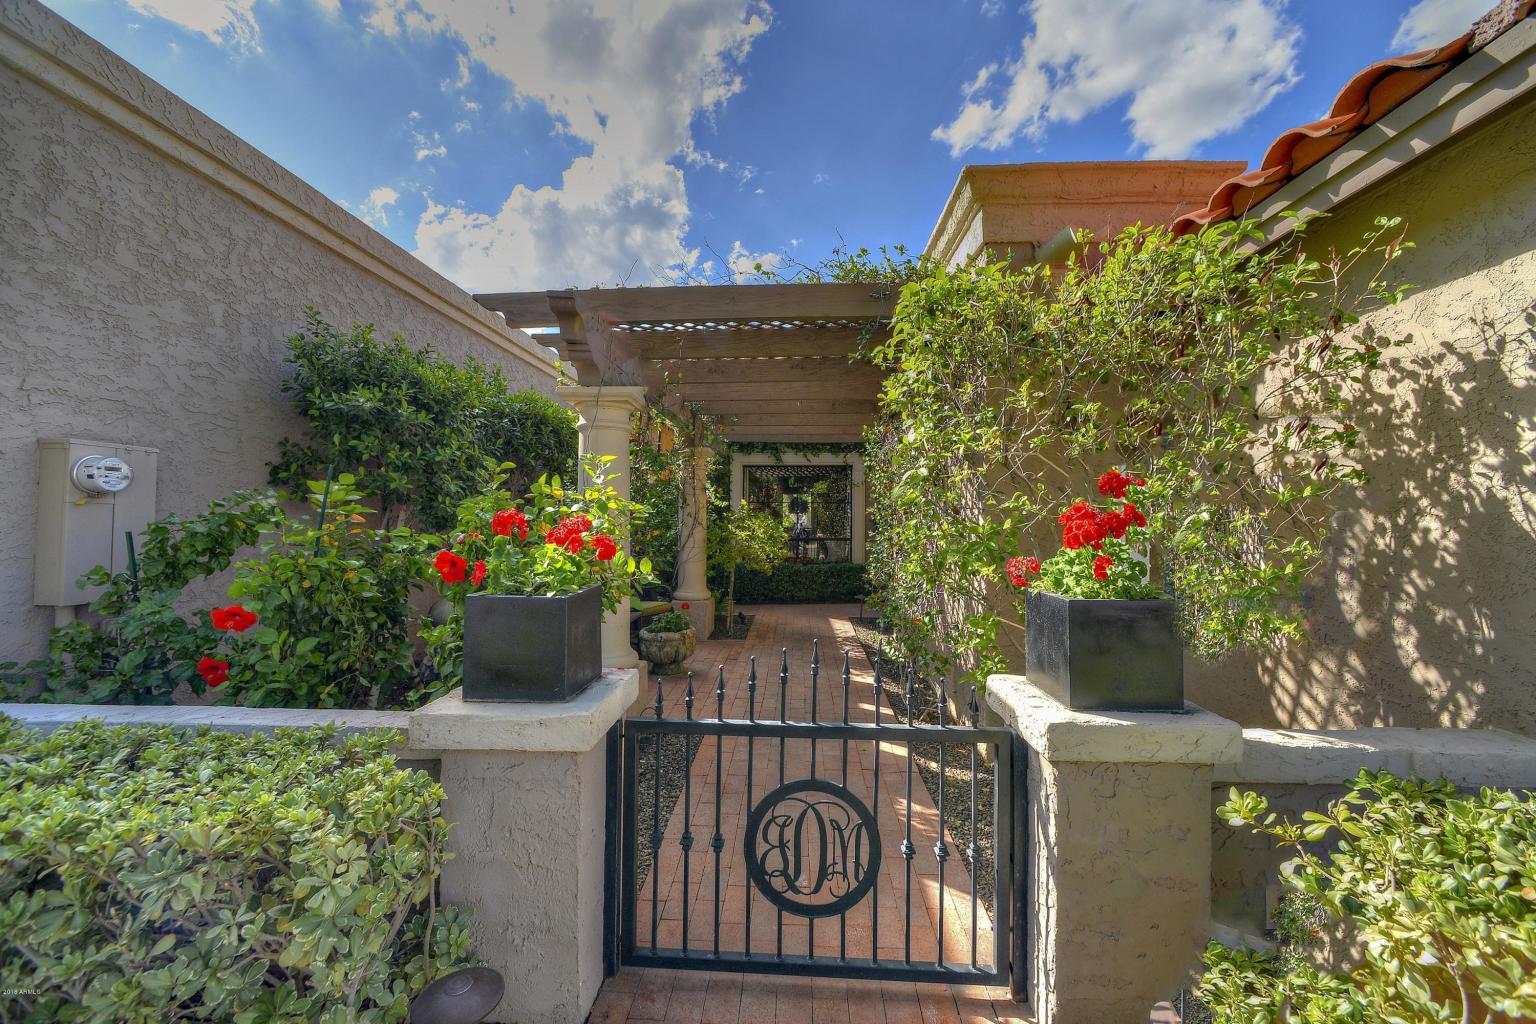 6746 N 78th Pl, Scottsdale | $415,000